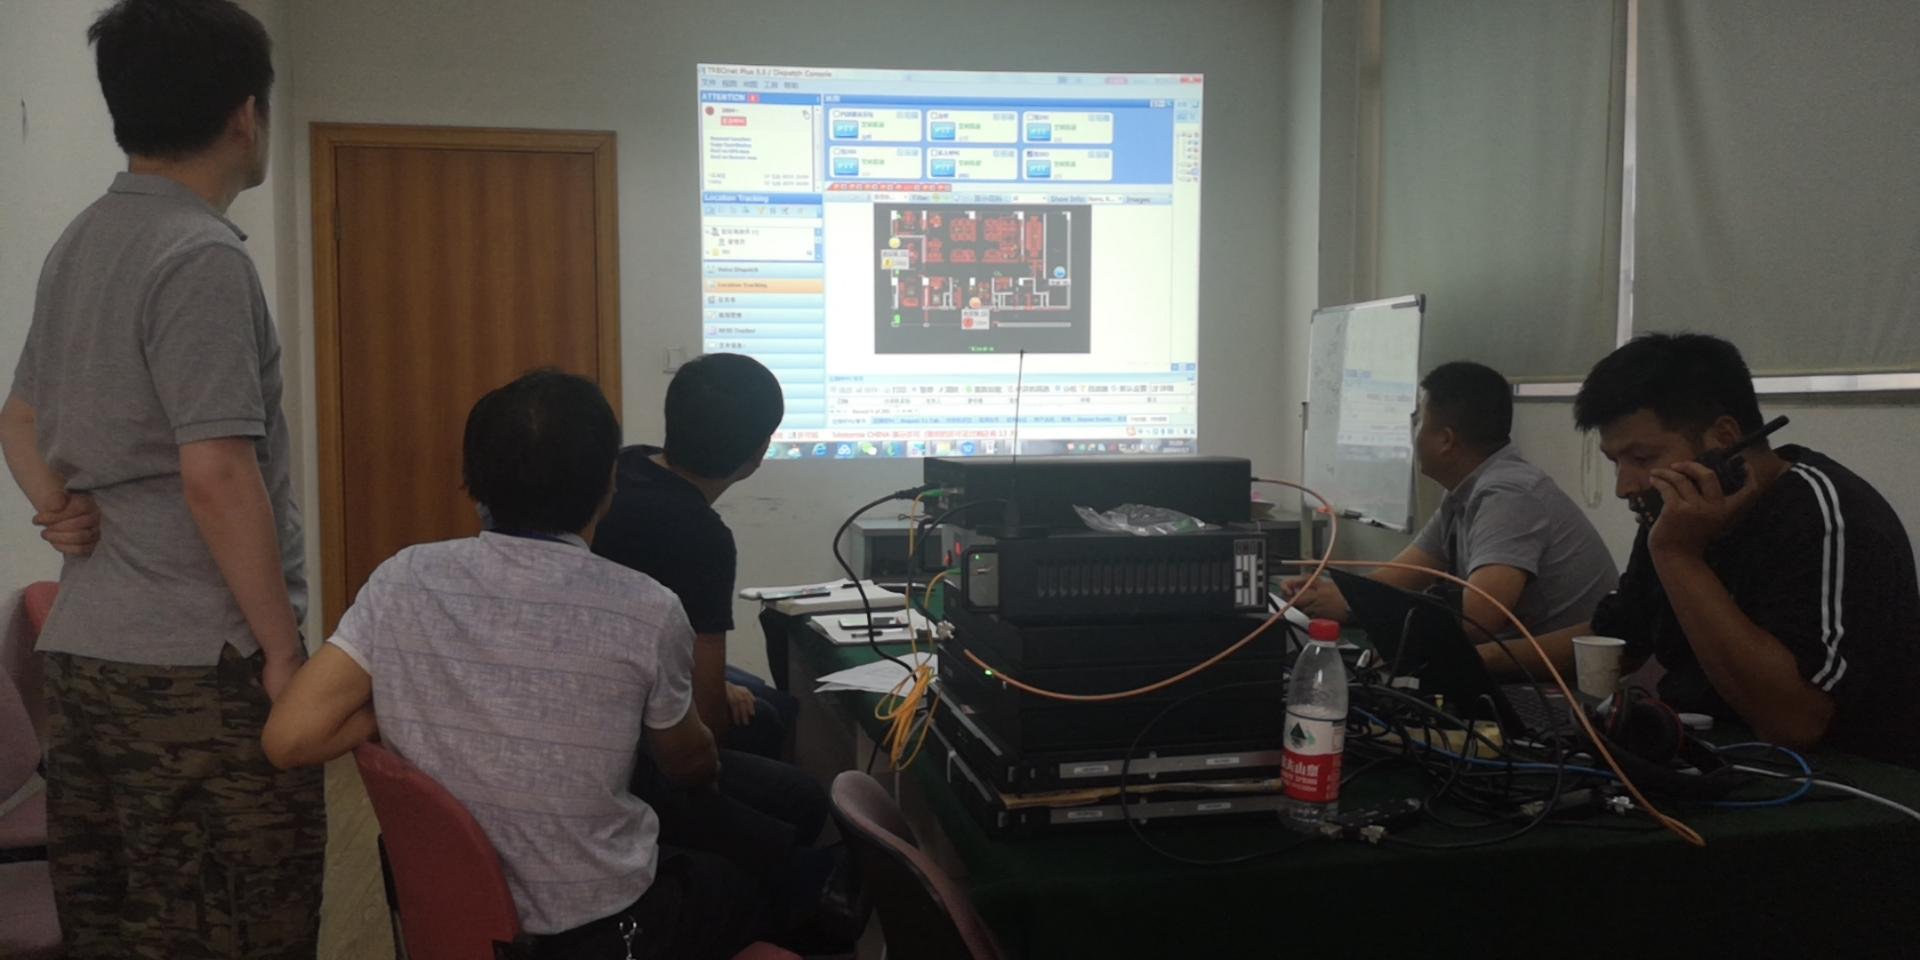 中博信息技术研究院有限公司摩托罗拉系统演示